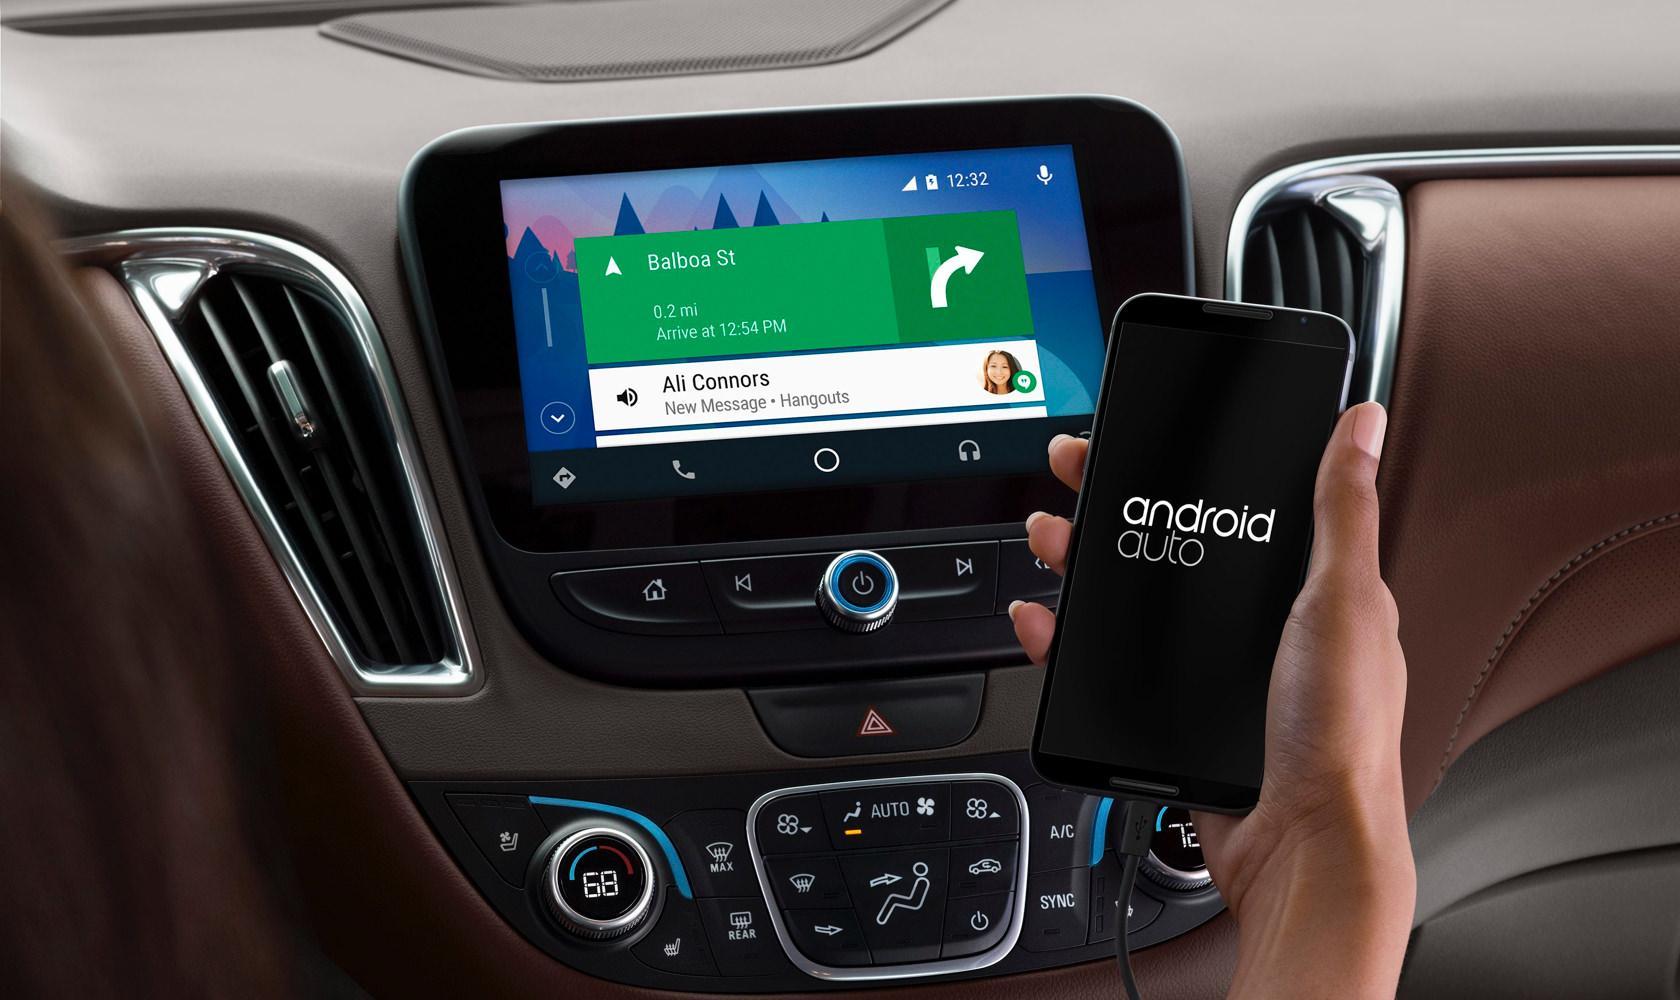 Android voz aplicación de voz e interfaz de usuario de voz